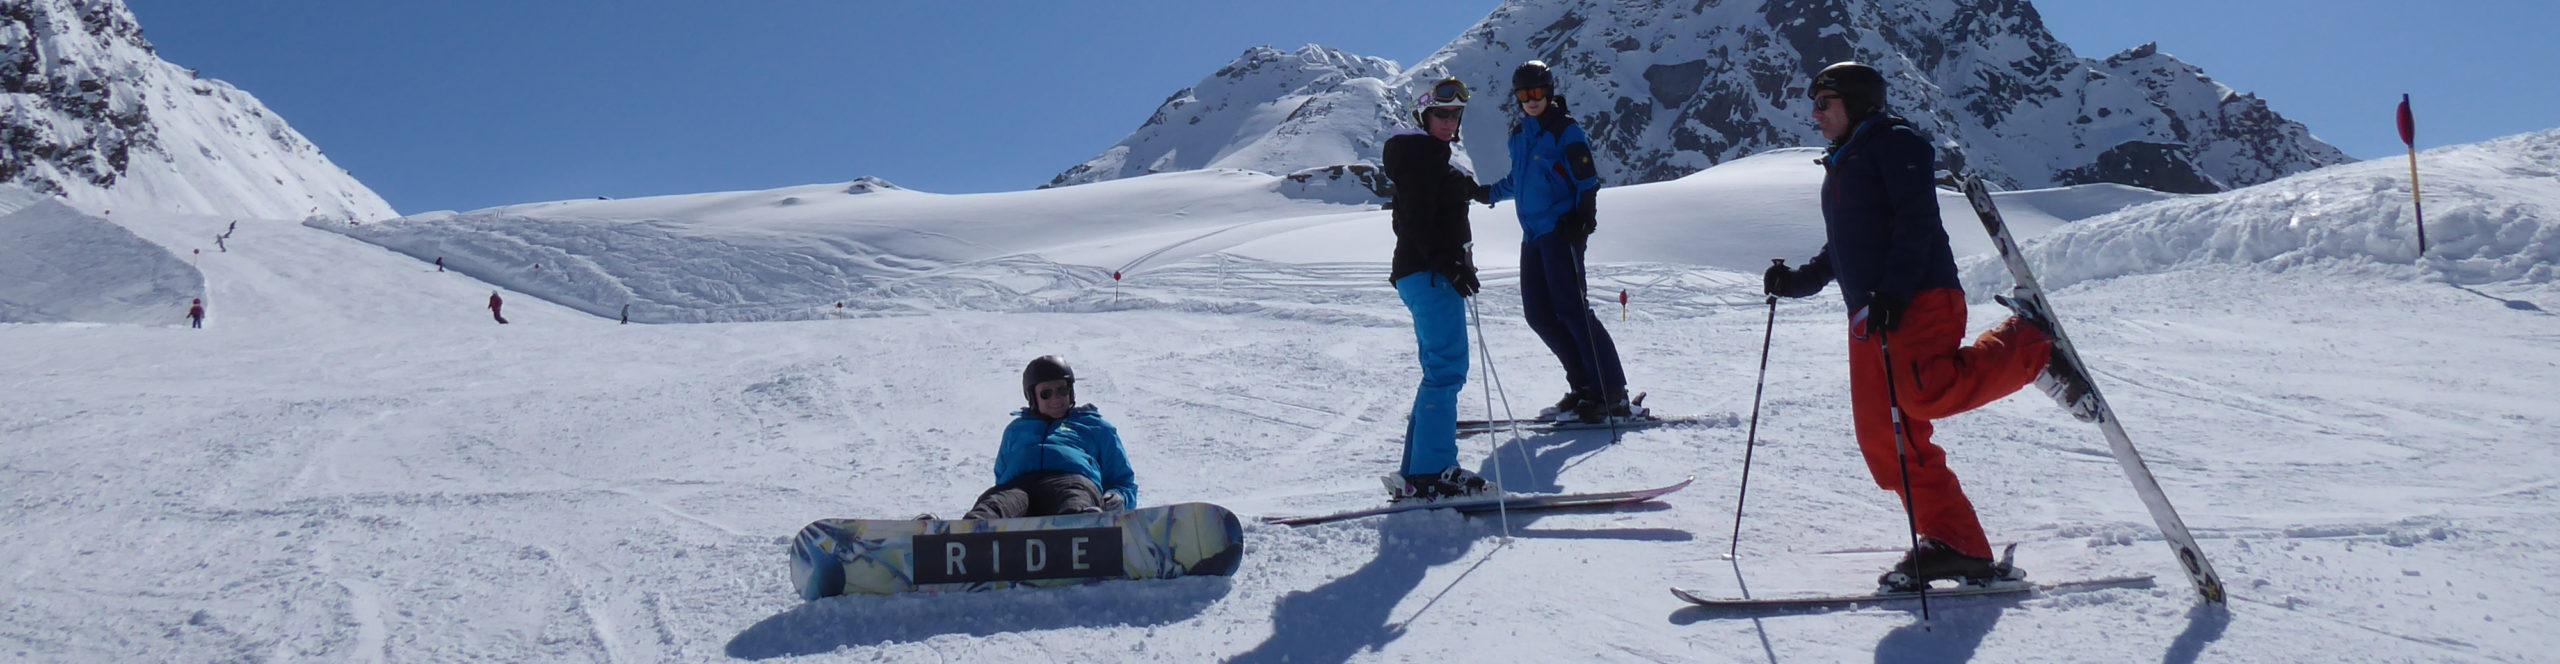 SÖLDEN – SchneeSpaßTag – Tagesskireise in eines der besten Skigebiete der Alpen am Karfreitag